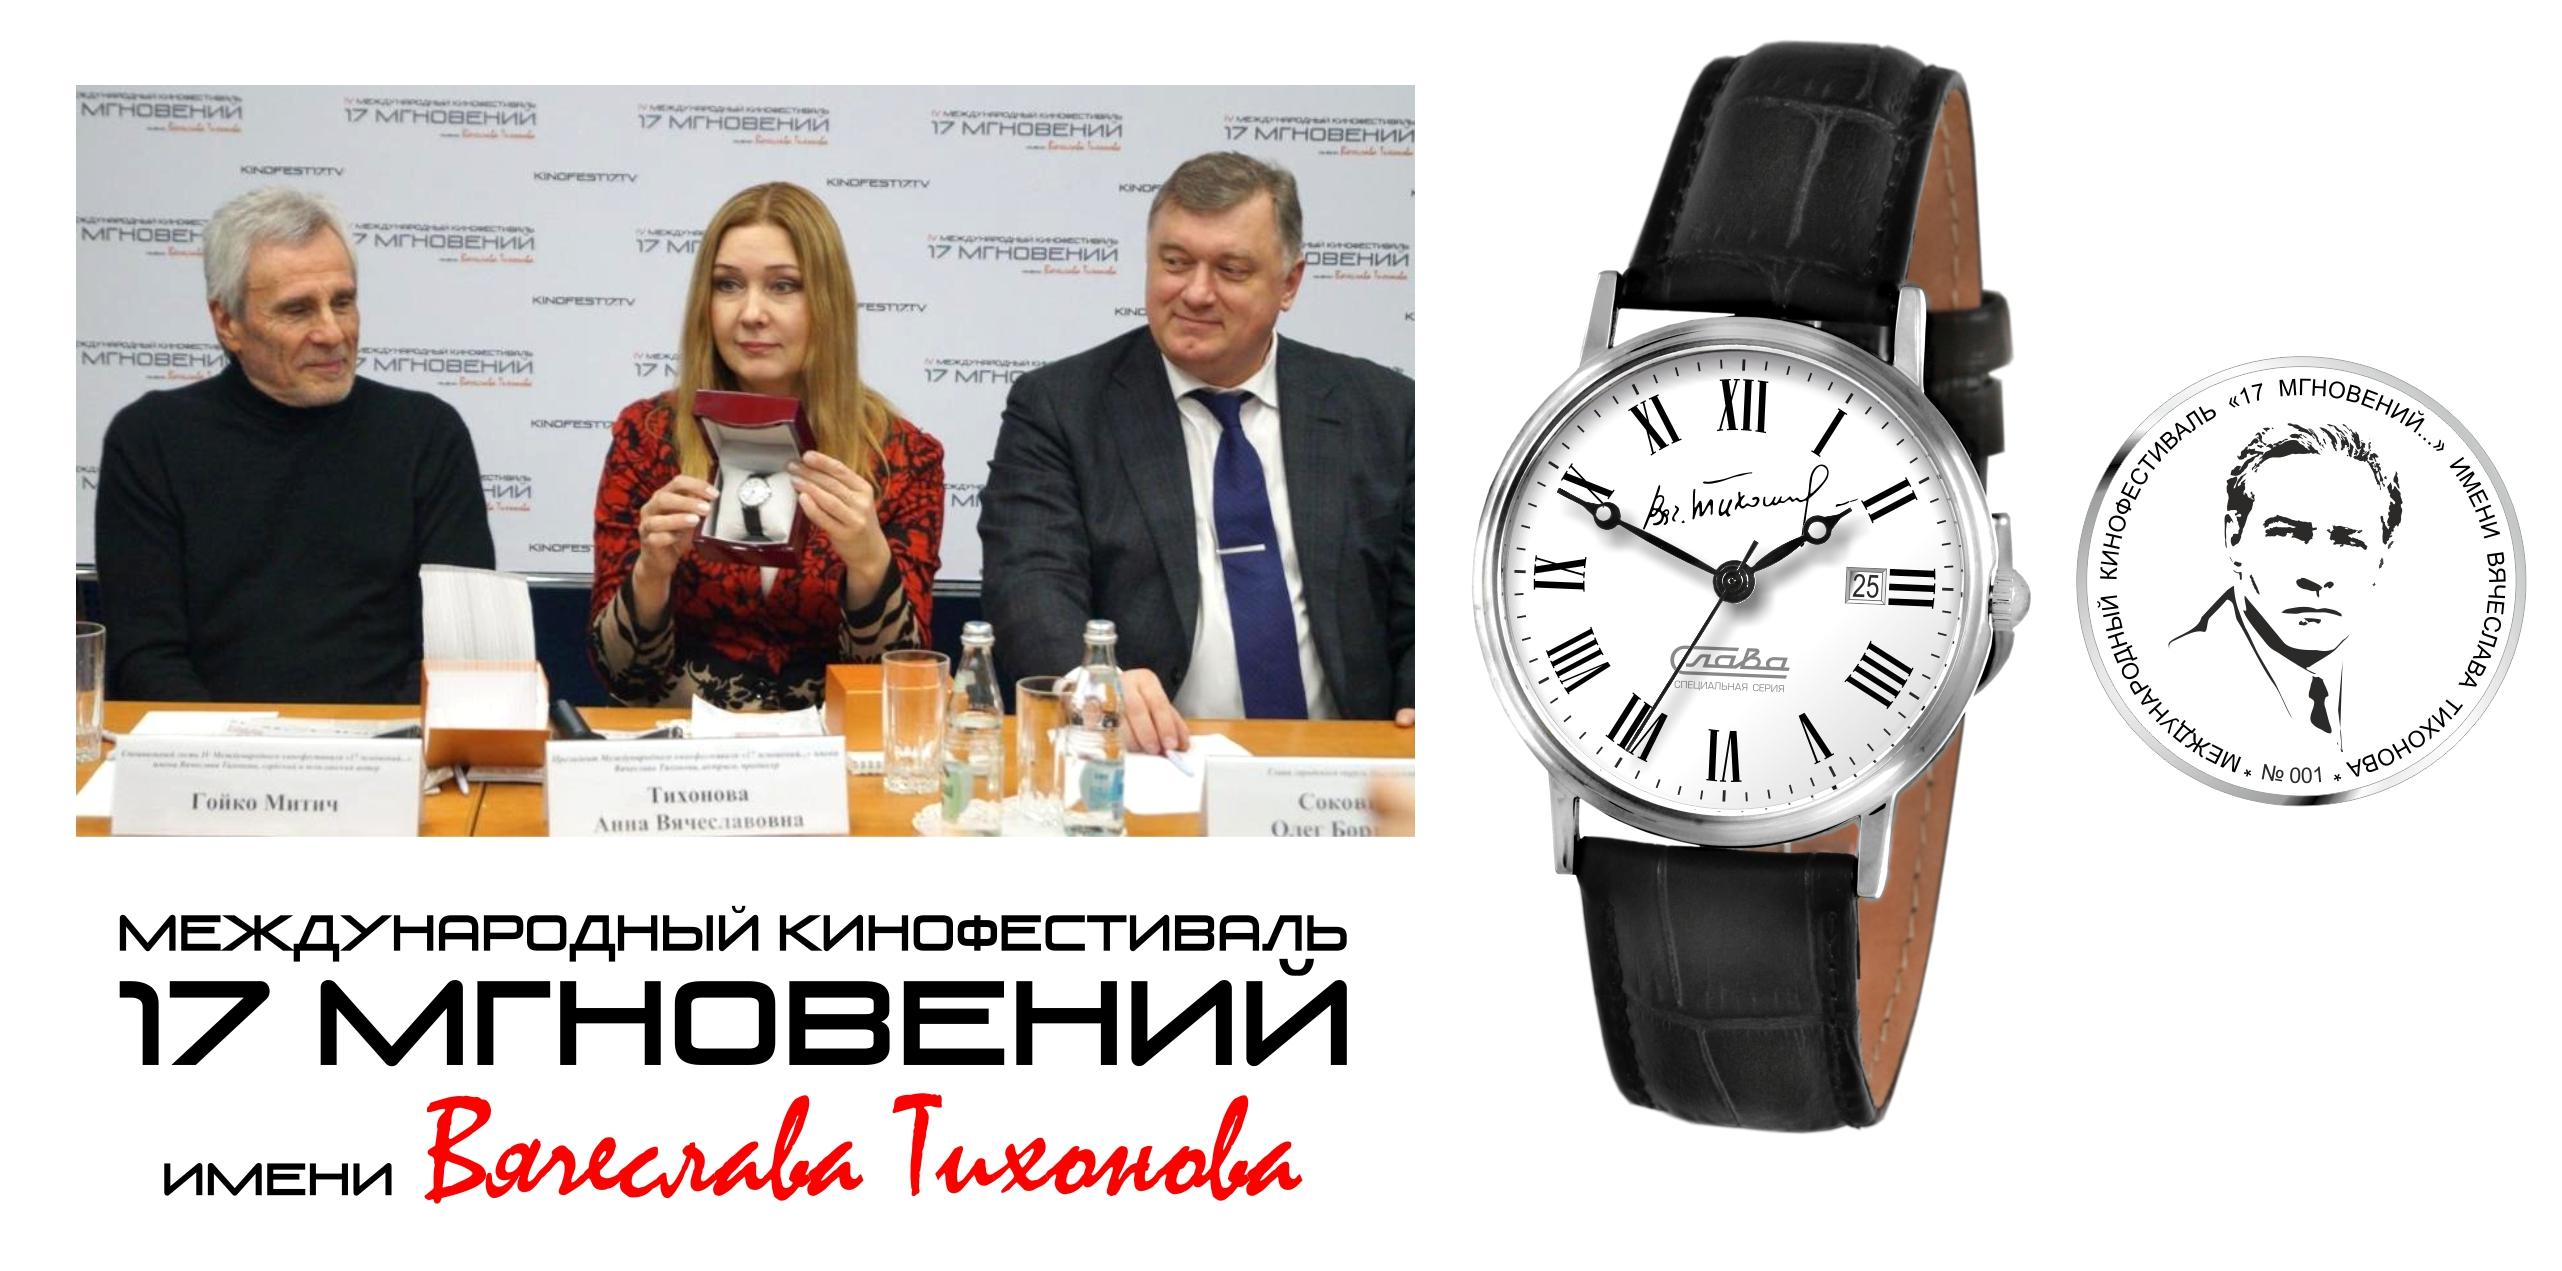 Часы Слава с автографом Вячеслава Тихонова